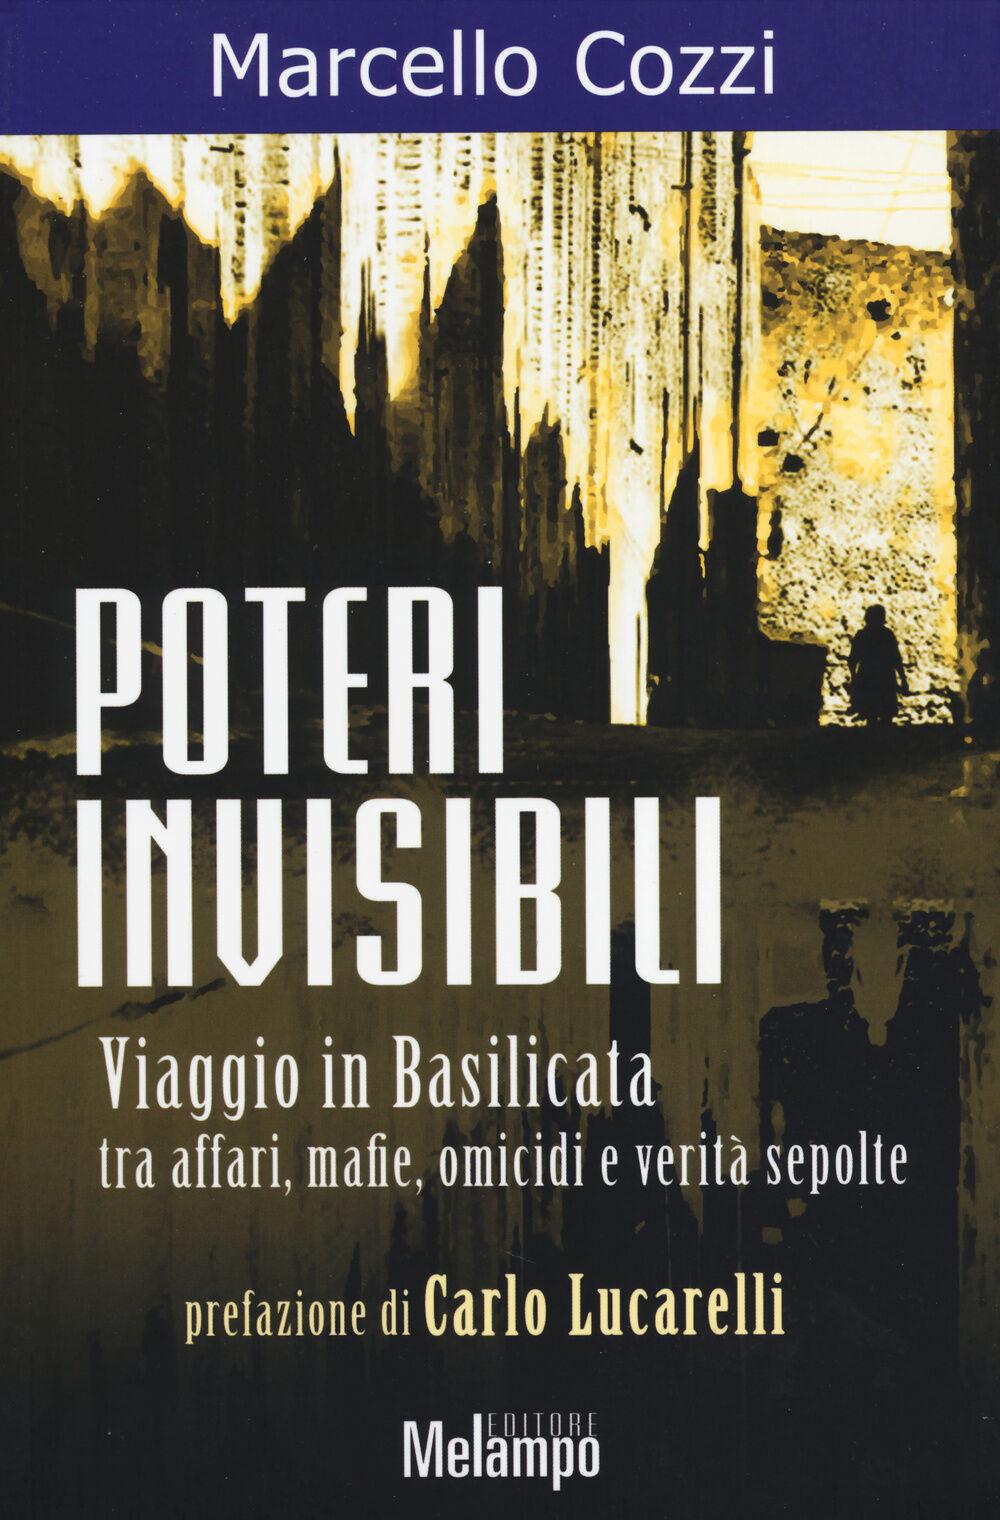 Poteri invisibili. Viaggio in Basilicata tra affari, mafie, omicidi e verità sepolte